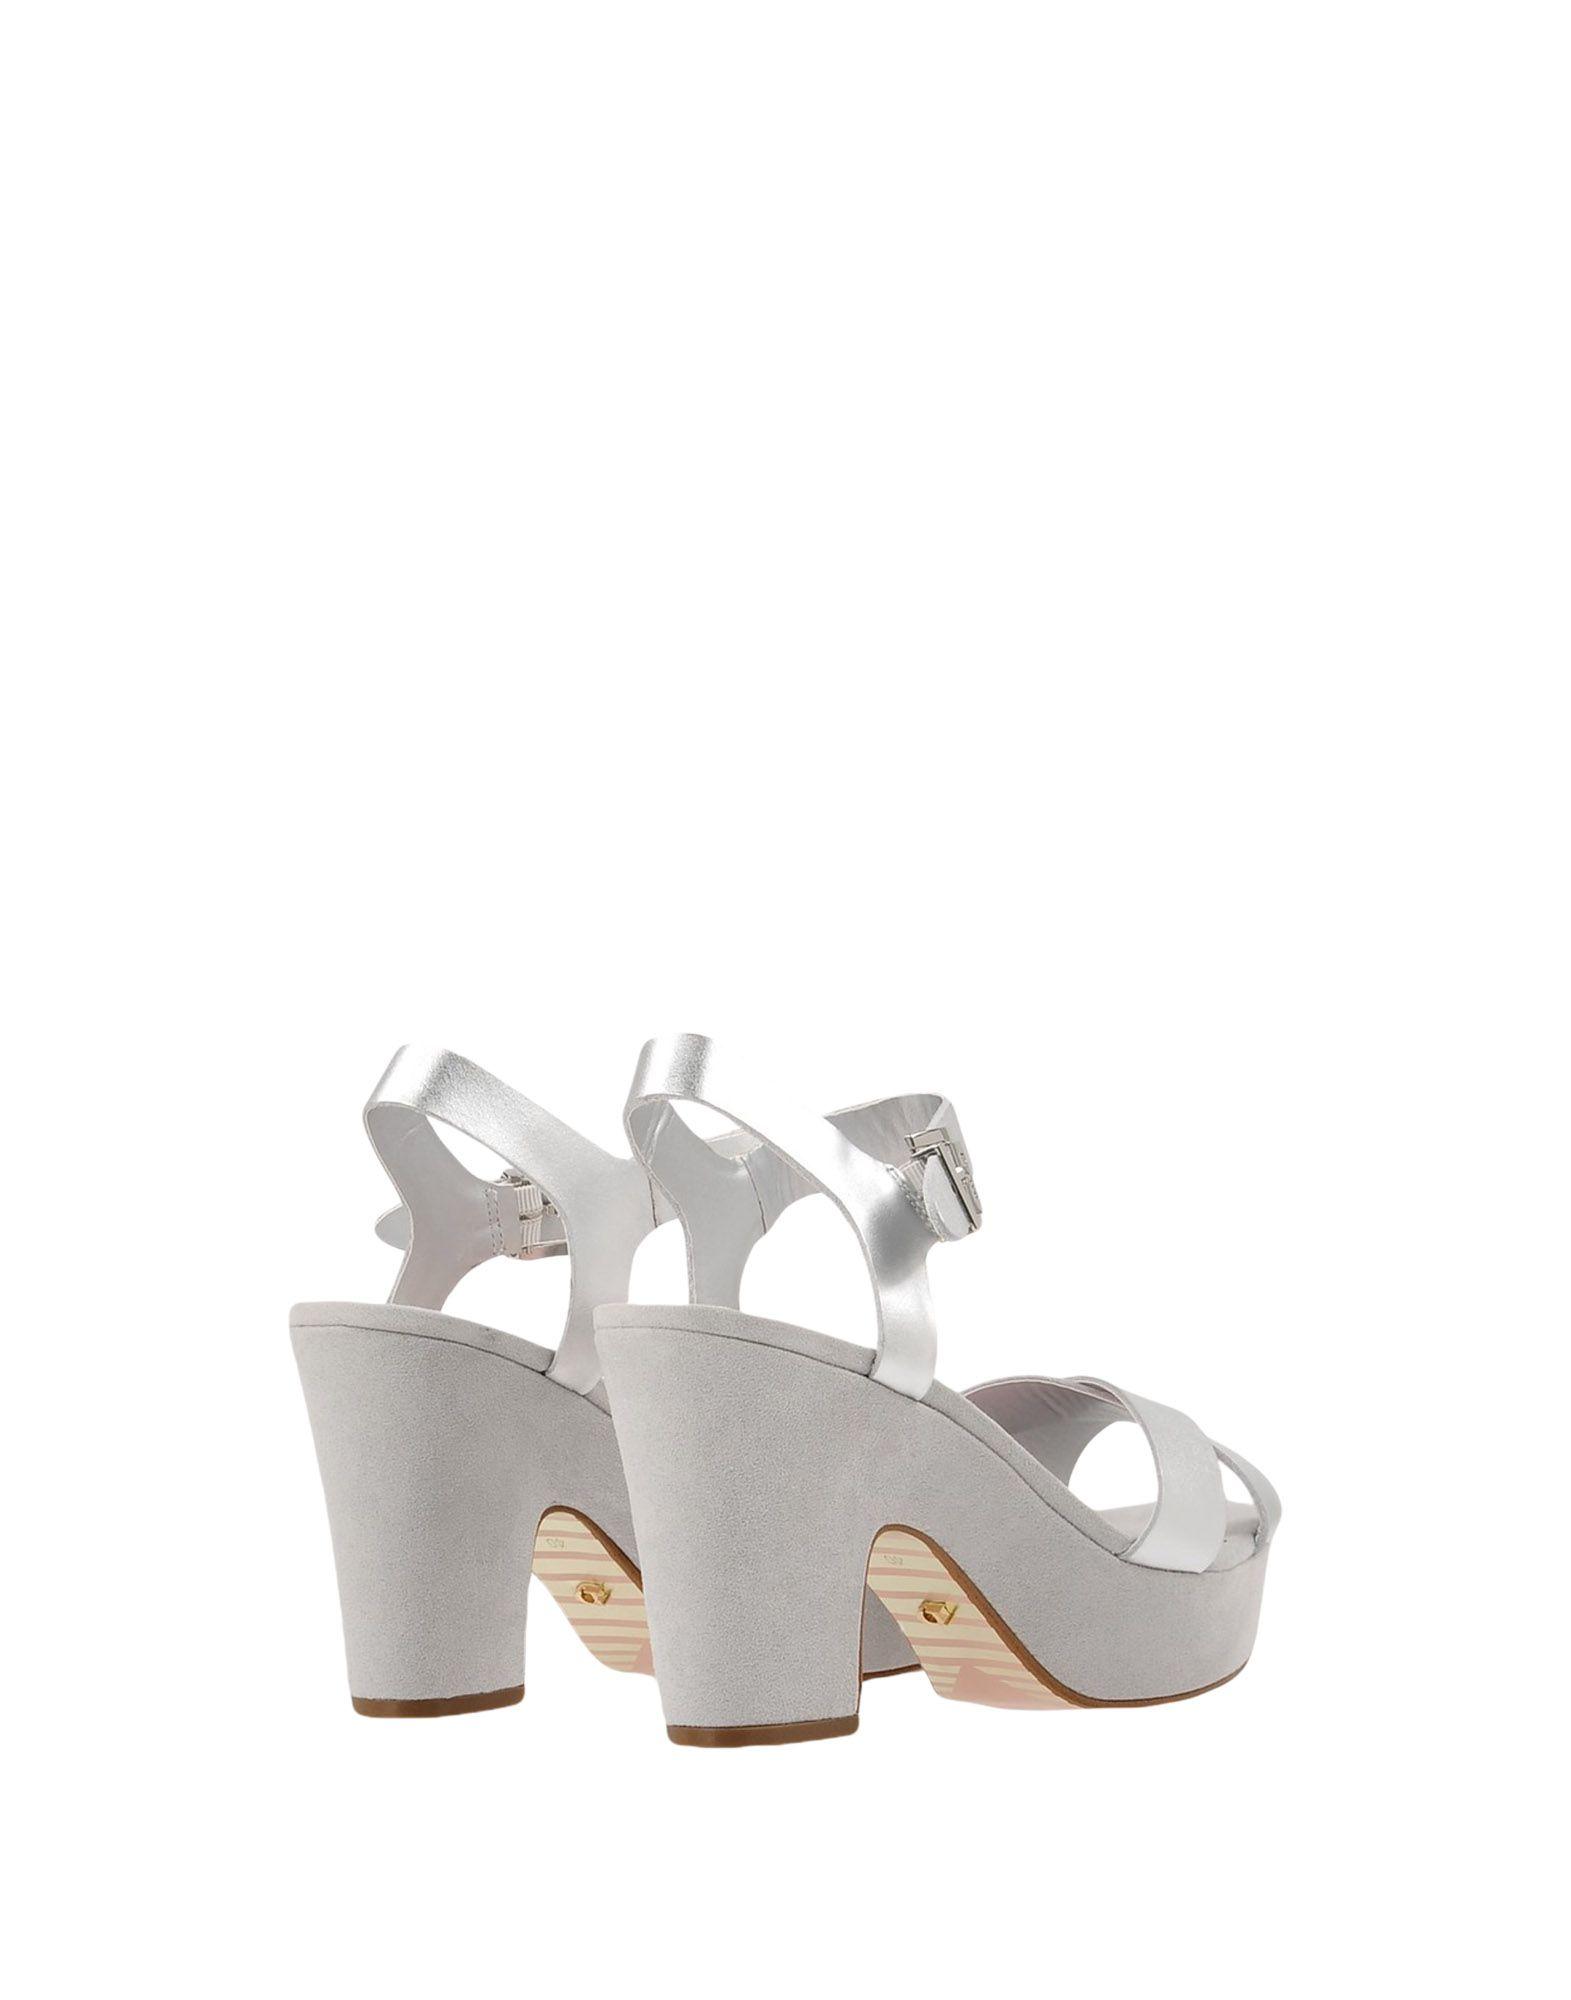 Dune Strap London Cross Strap Dune Buckle Sa  11441924MT Gute Qualität beliebte Schuhe b603fd